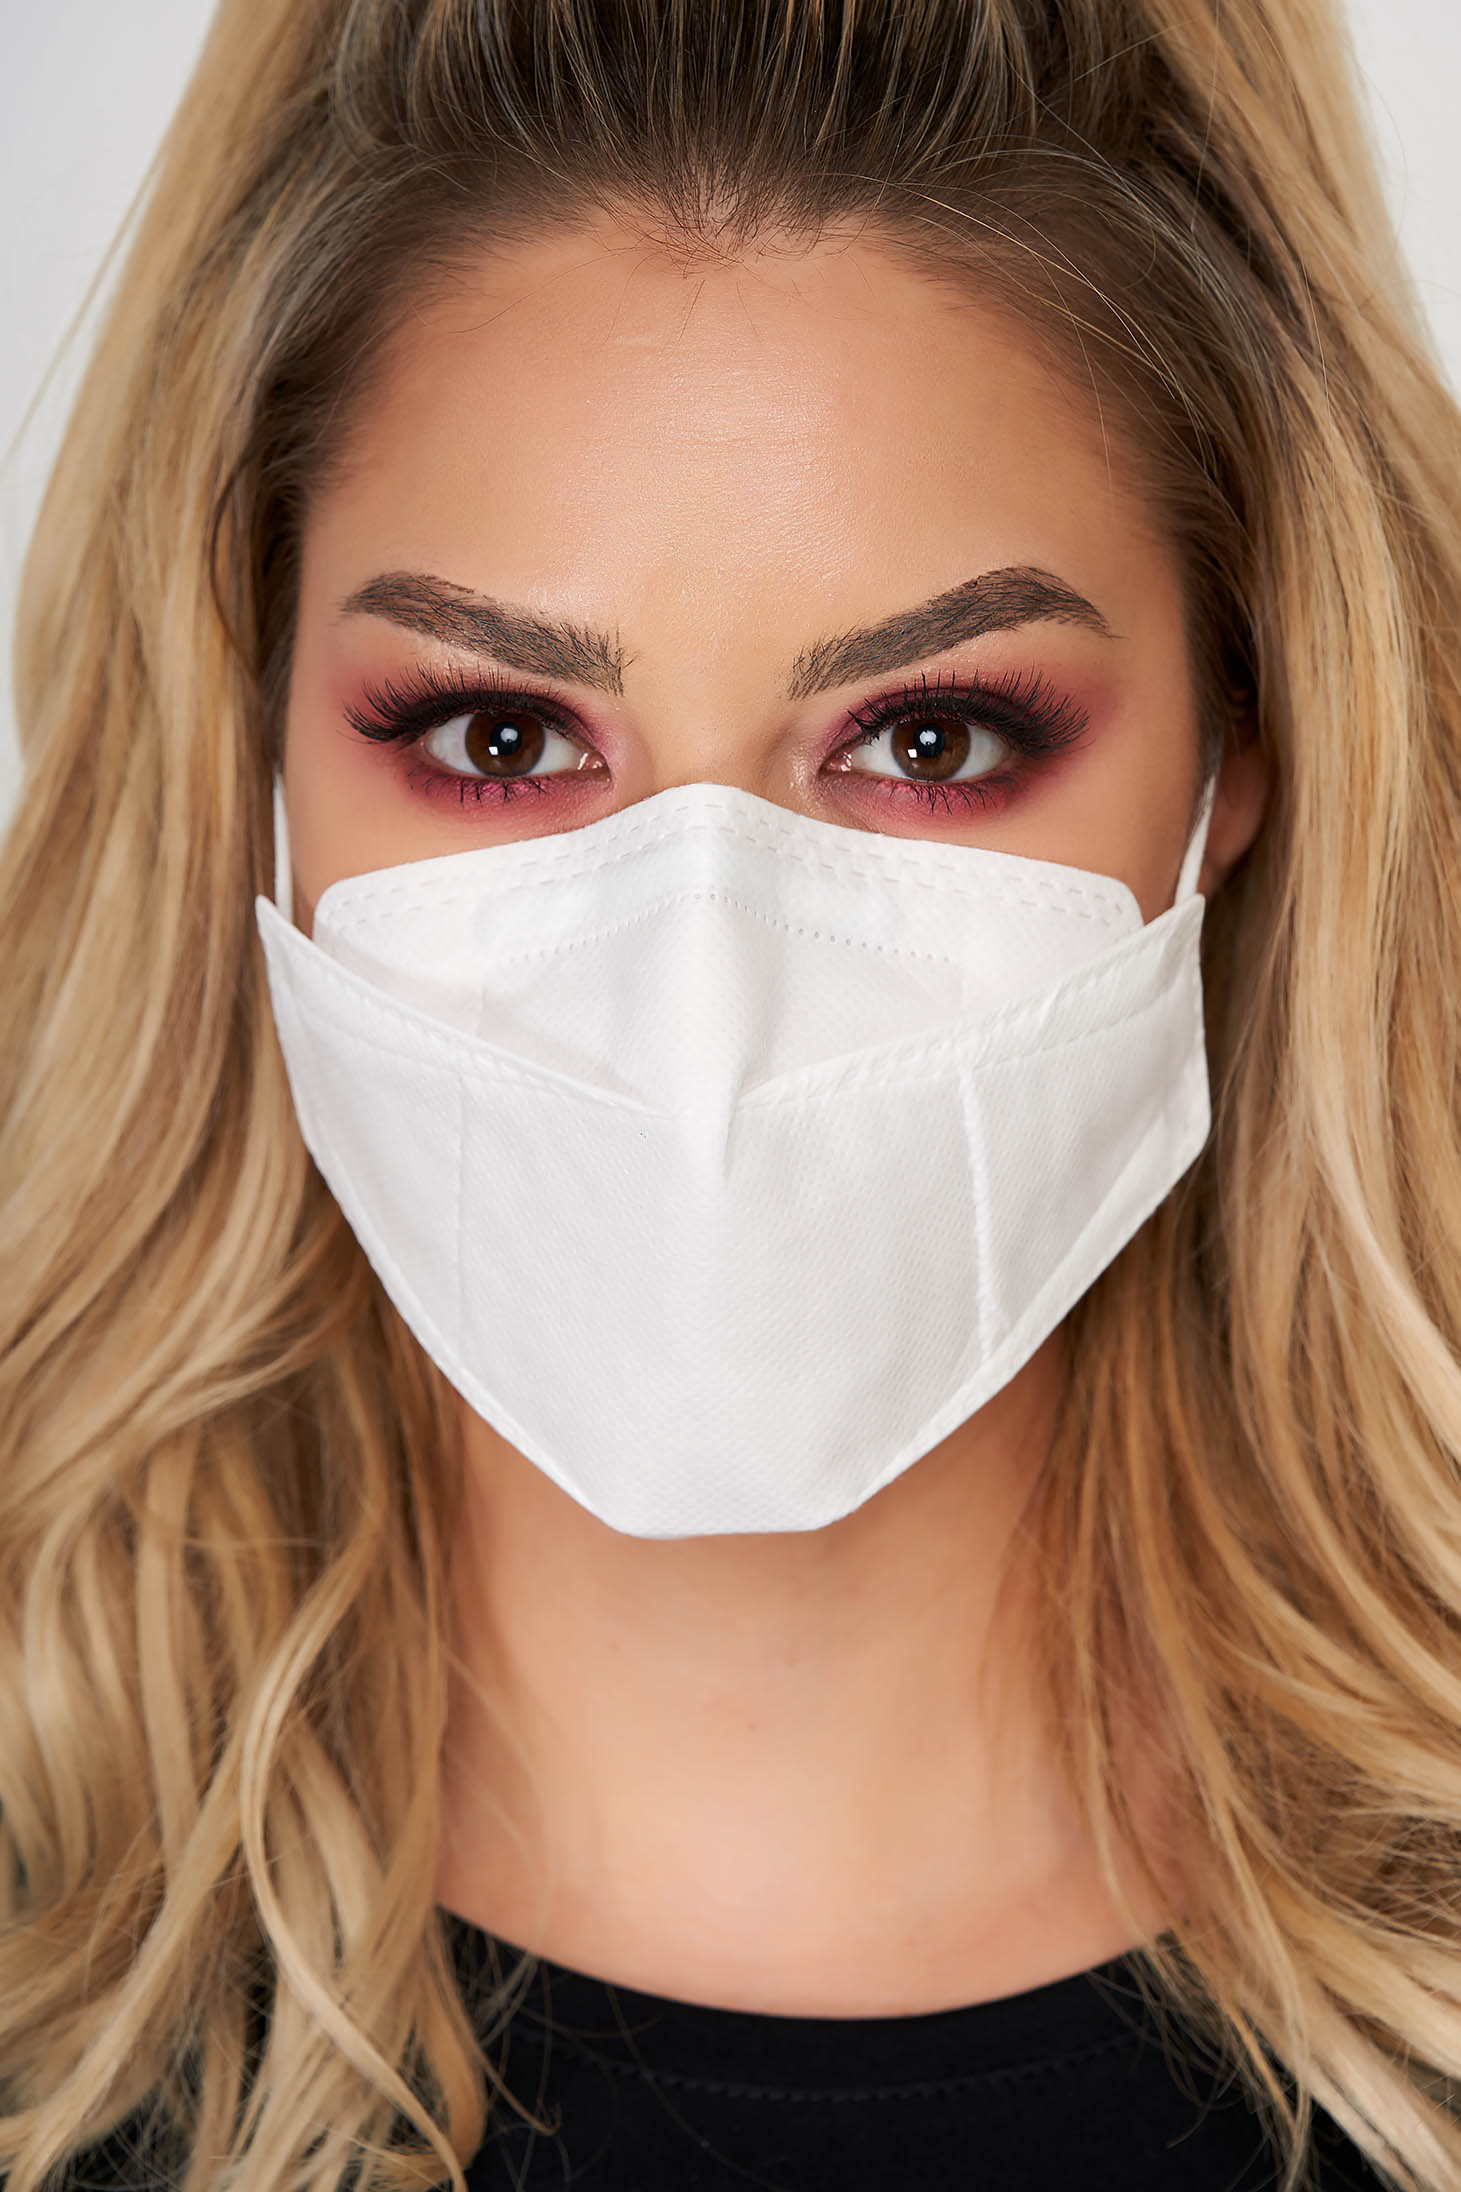 Masca de protectie engros la 17 lei + TVA COMANDA MINIMA 50 BUC alba KN95 cu filtru FFP2 reutilizabila cu certificat CE